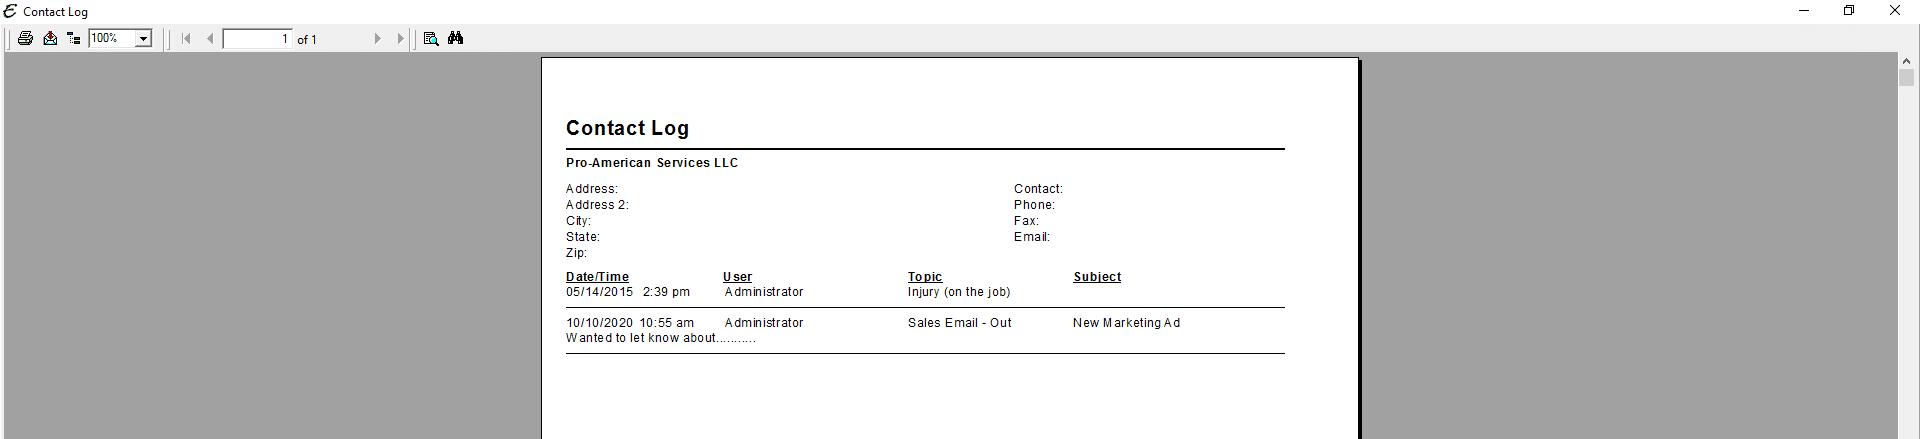 Contact Log (Company) PDF